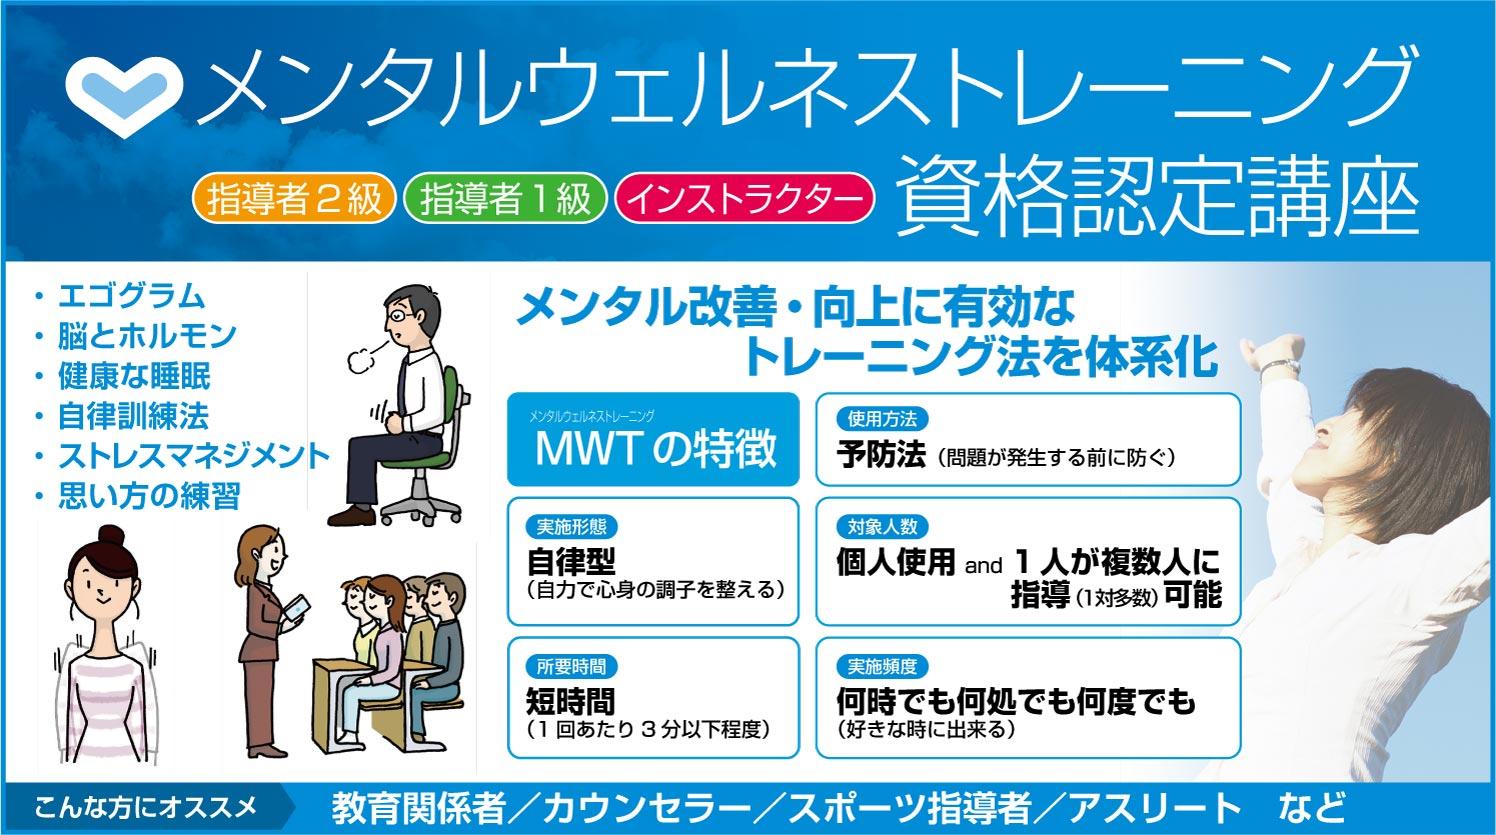 MWT資格認定講座